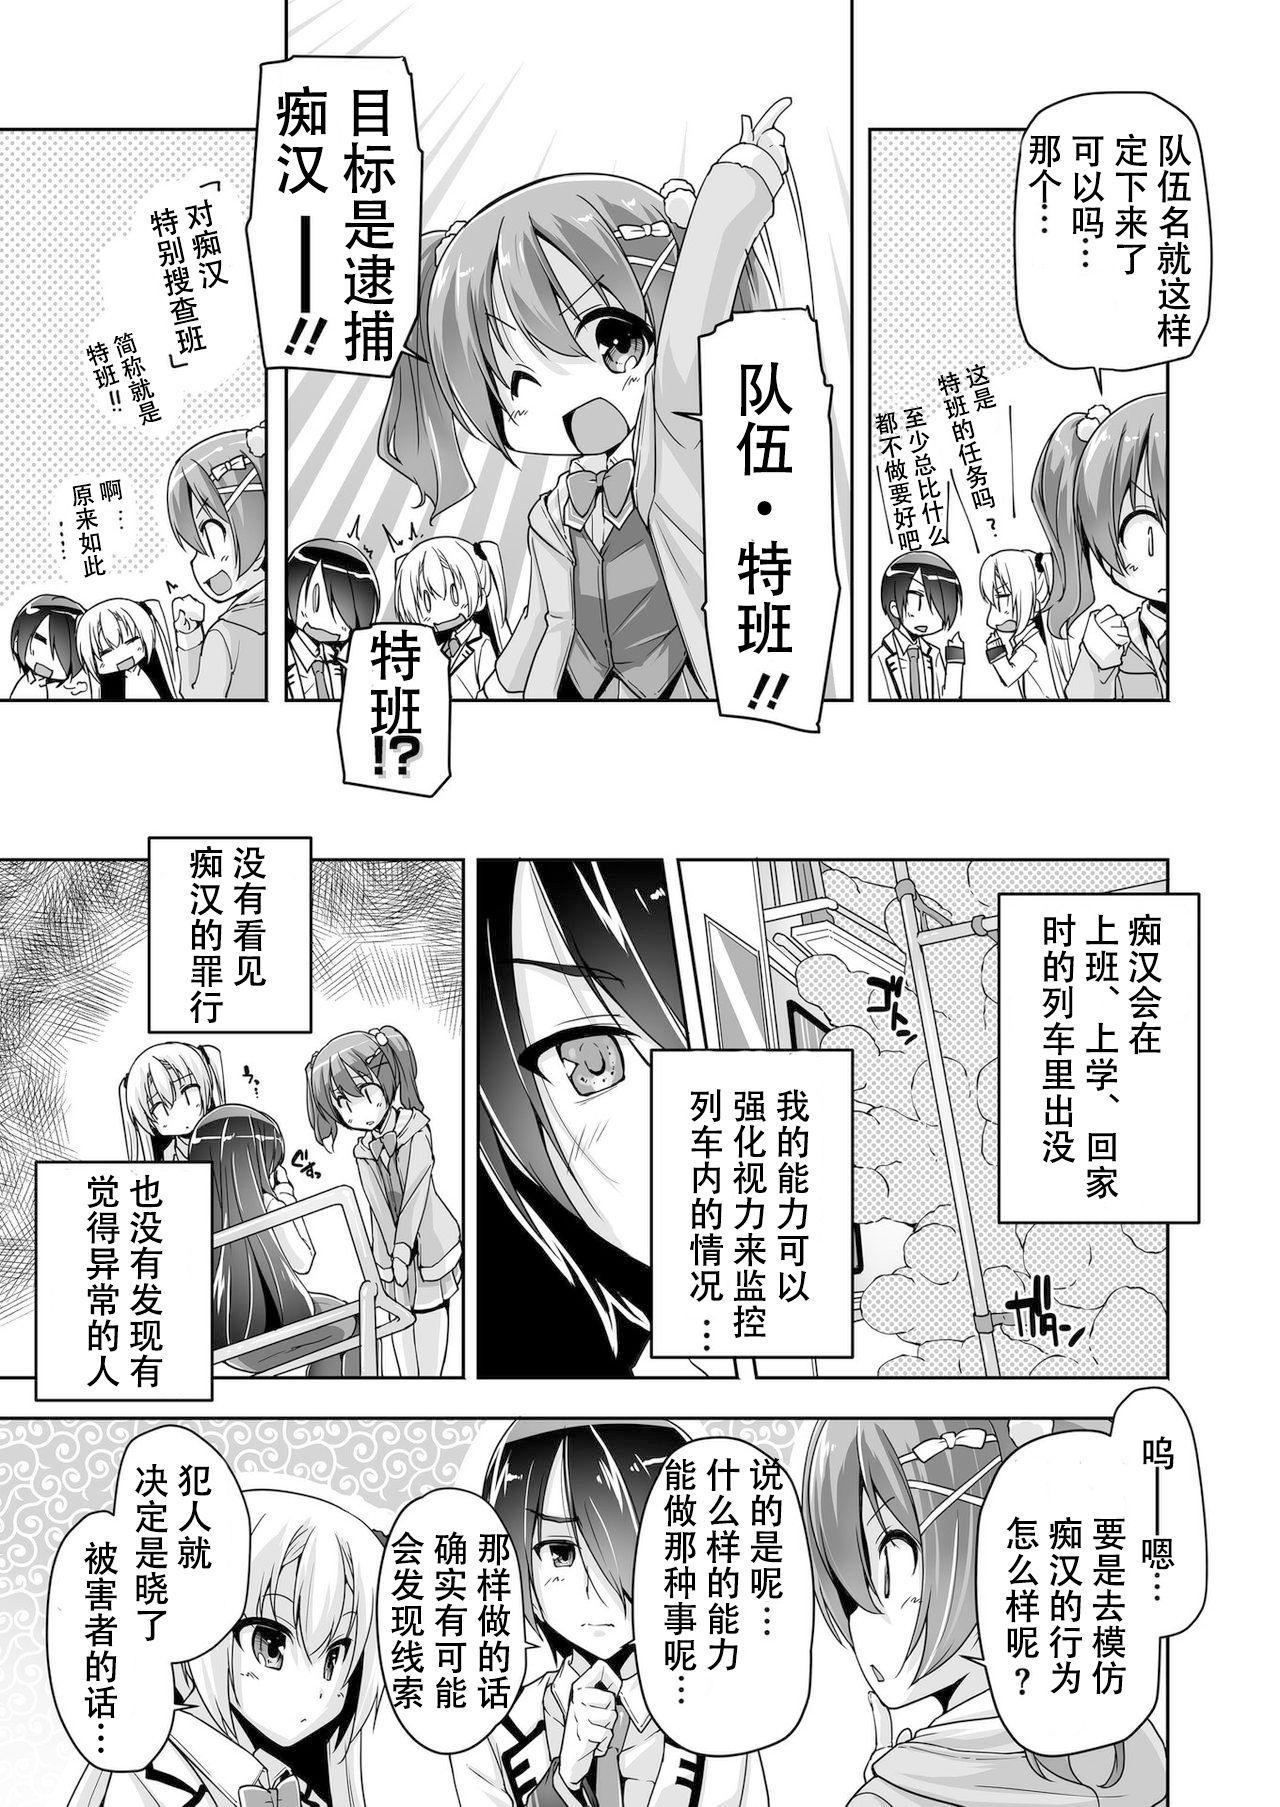 Chisaki to chikan play de hatsu H! ? 2